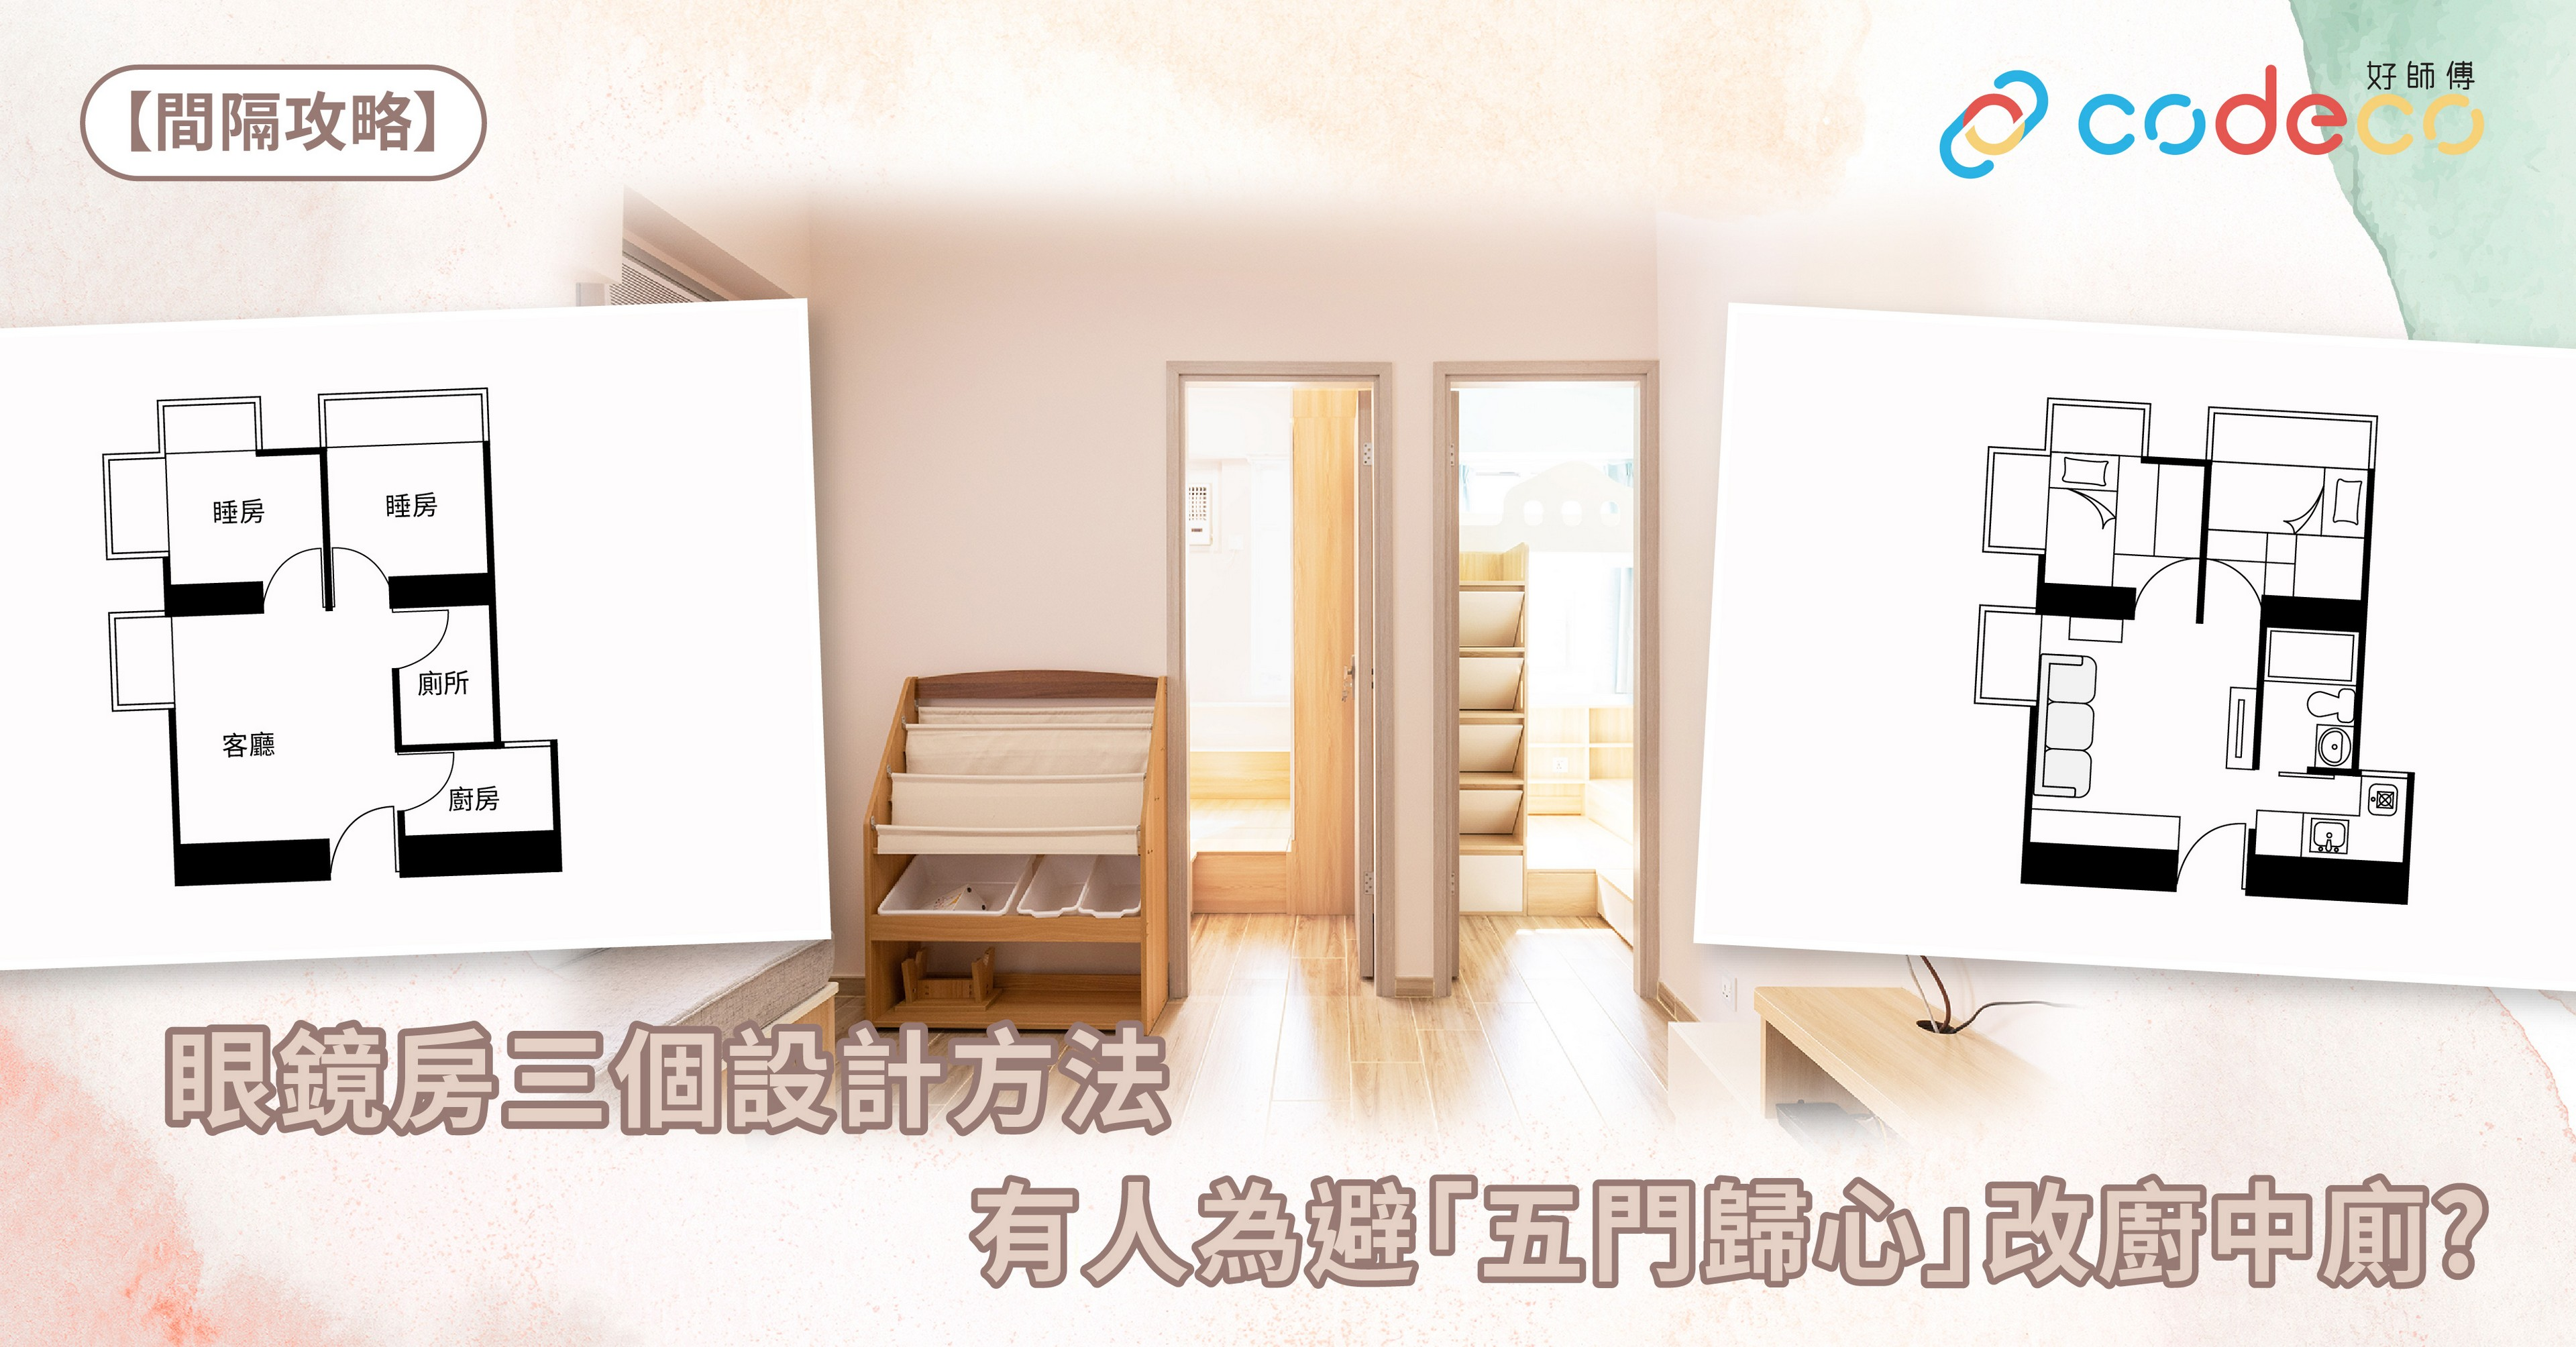 【間隔攻略】眼鏡房3個設計方法 有人為避「五門歸心」改廚中廁?